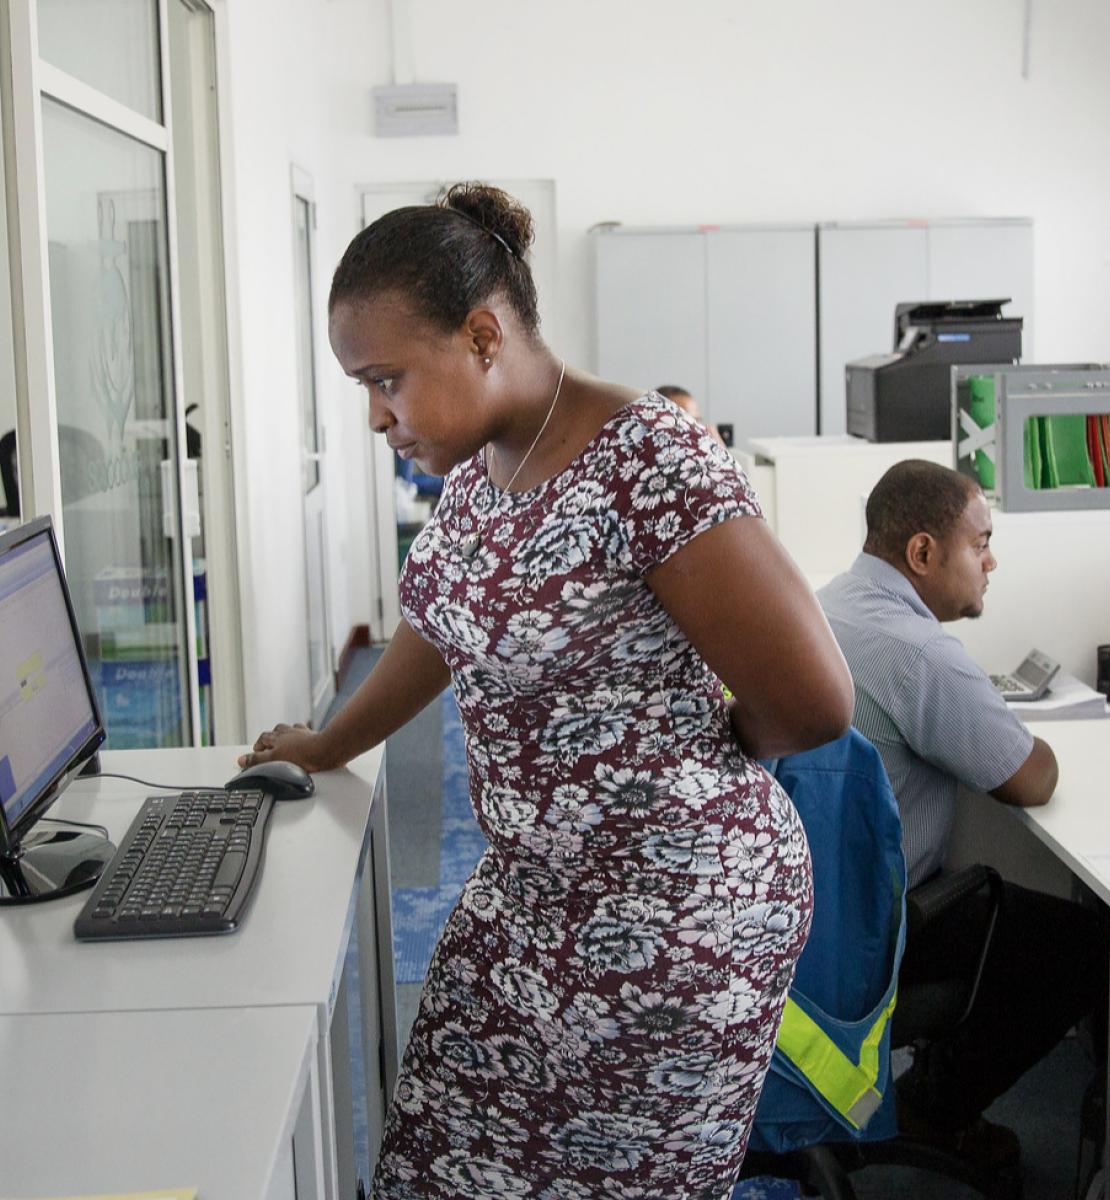 Dans un bureau d'entreprise, une femme vêtue d'une robe travaille, debout, sur un ordinateur, tandis qu'un homme est assis à un bureau, à quelques pas, devant son propre ordinateur.